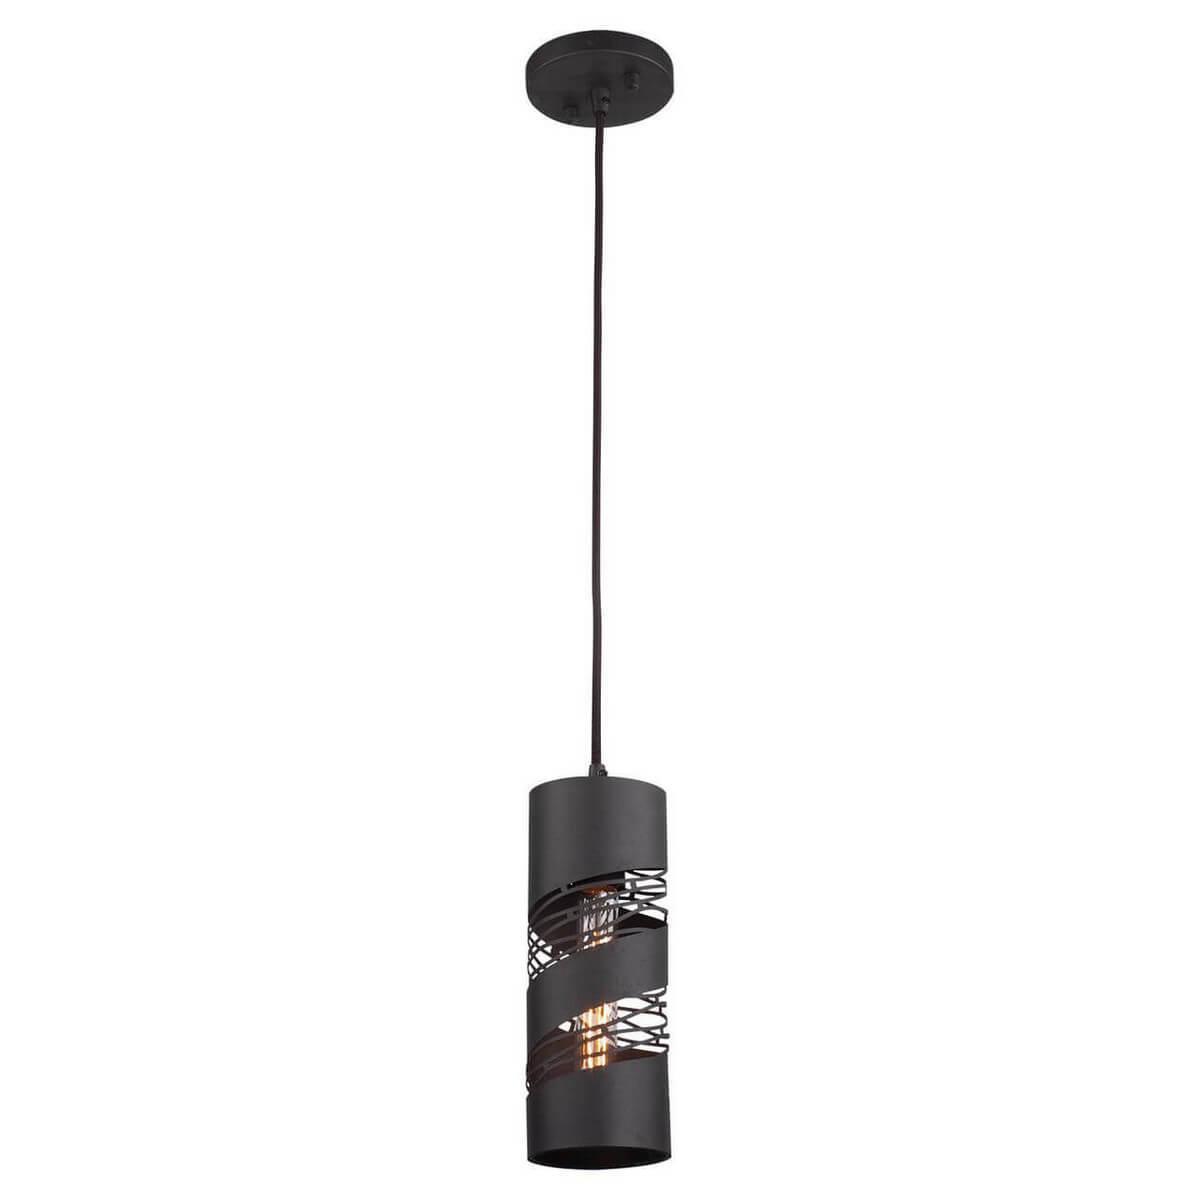 Подвесной светильник Lussole LOFT LSP-9651, E27, 60 Вт подвесной светильник lussole loft 24 lsp 9651